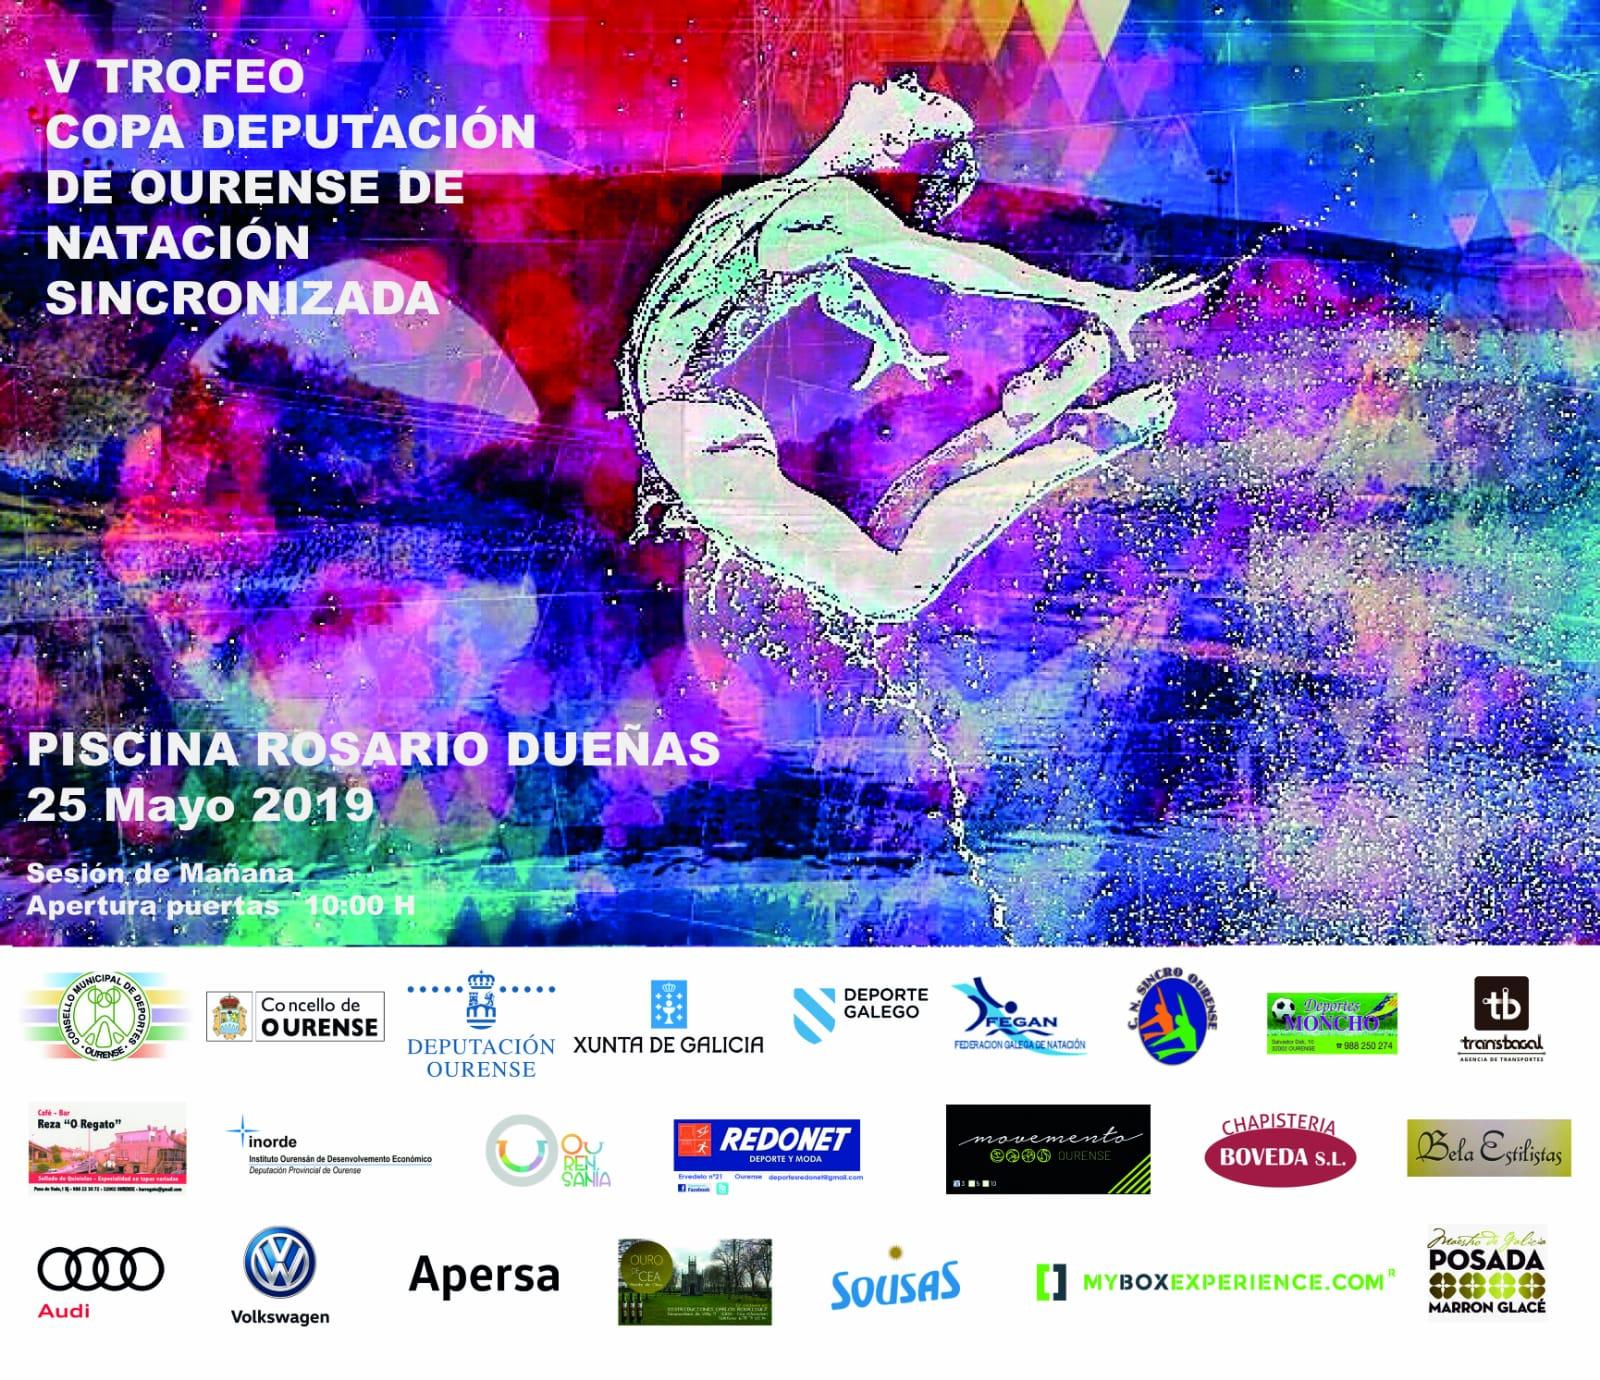 Trofeo Copa Deputación de Ourense